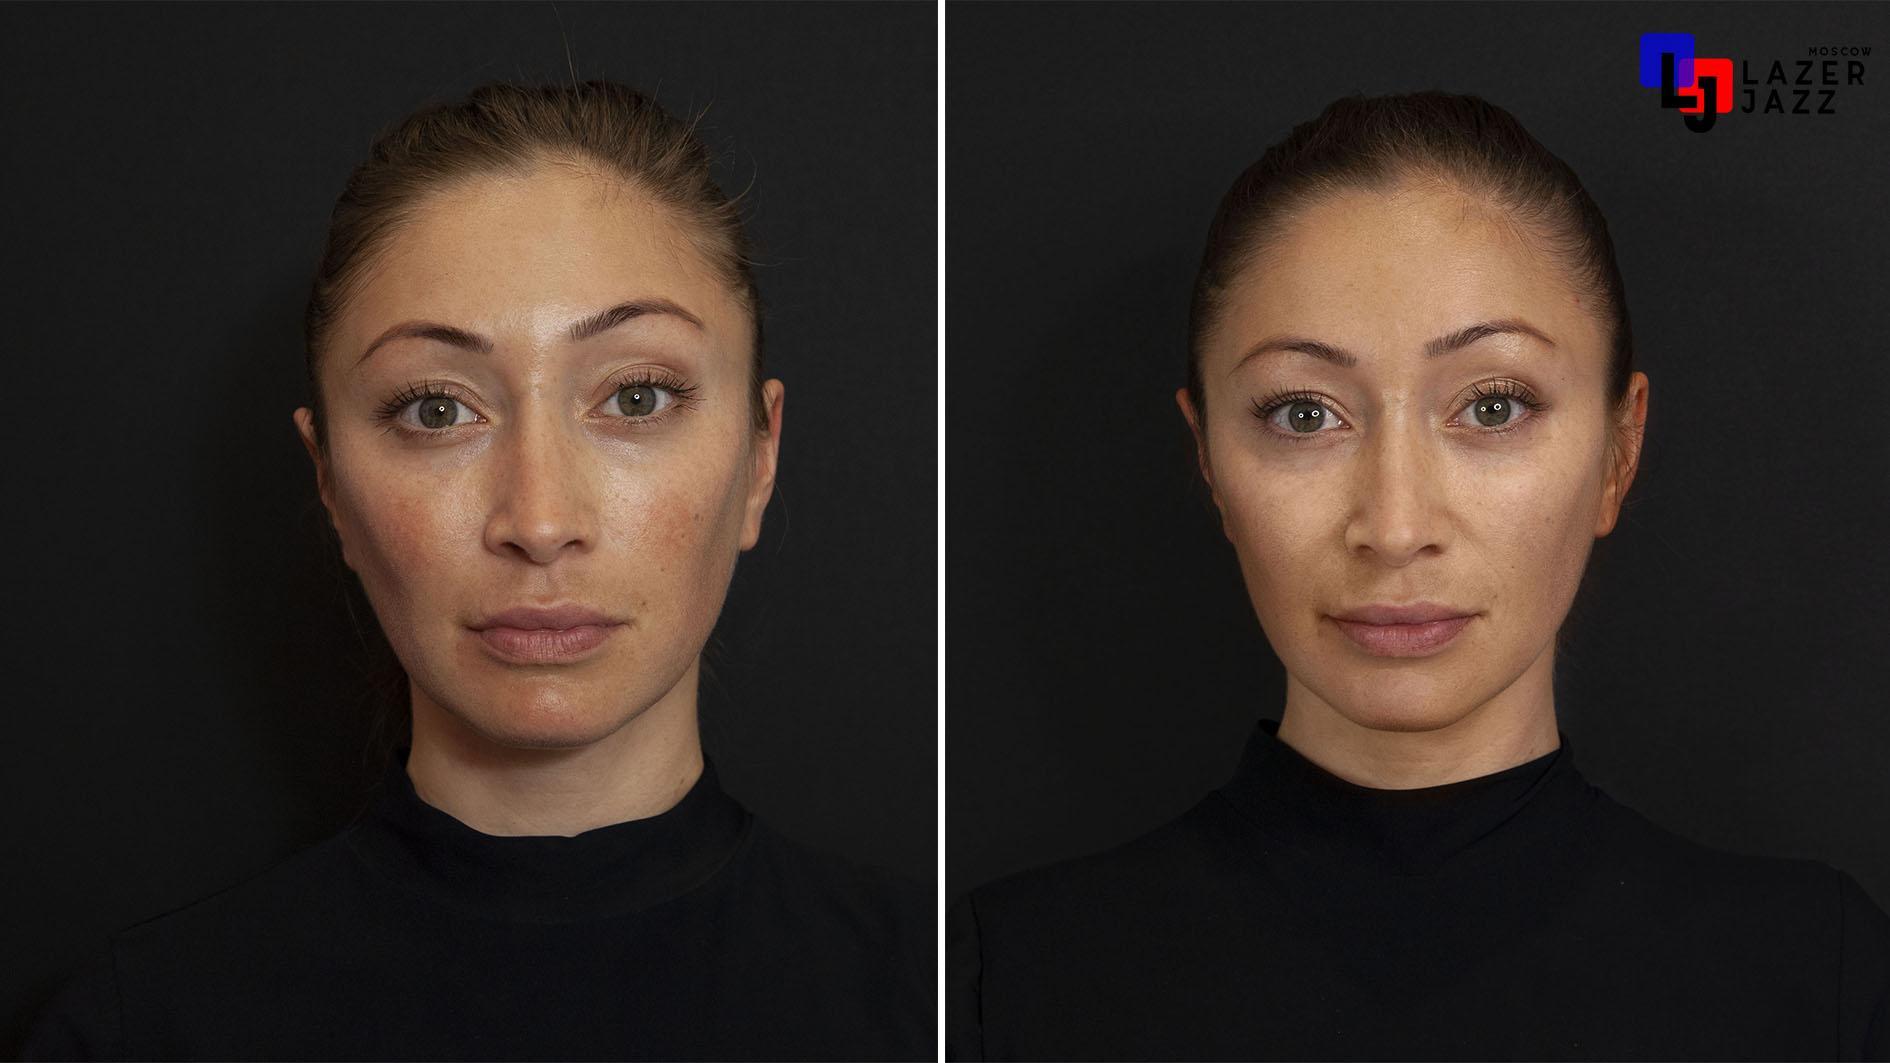 Lechenie-rozacea-pacientka-35-let-1-1